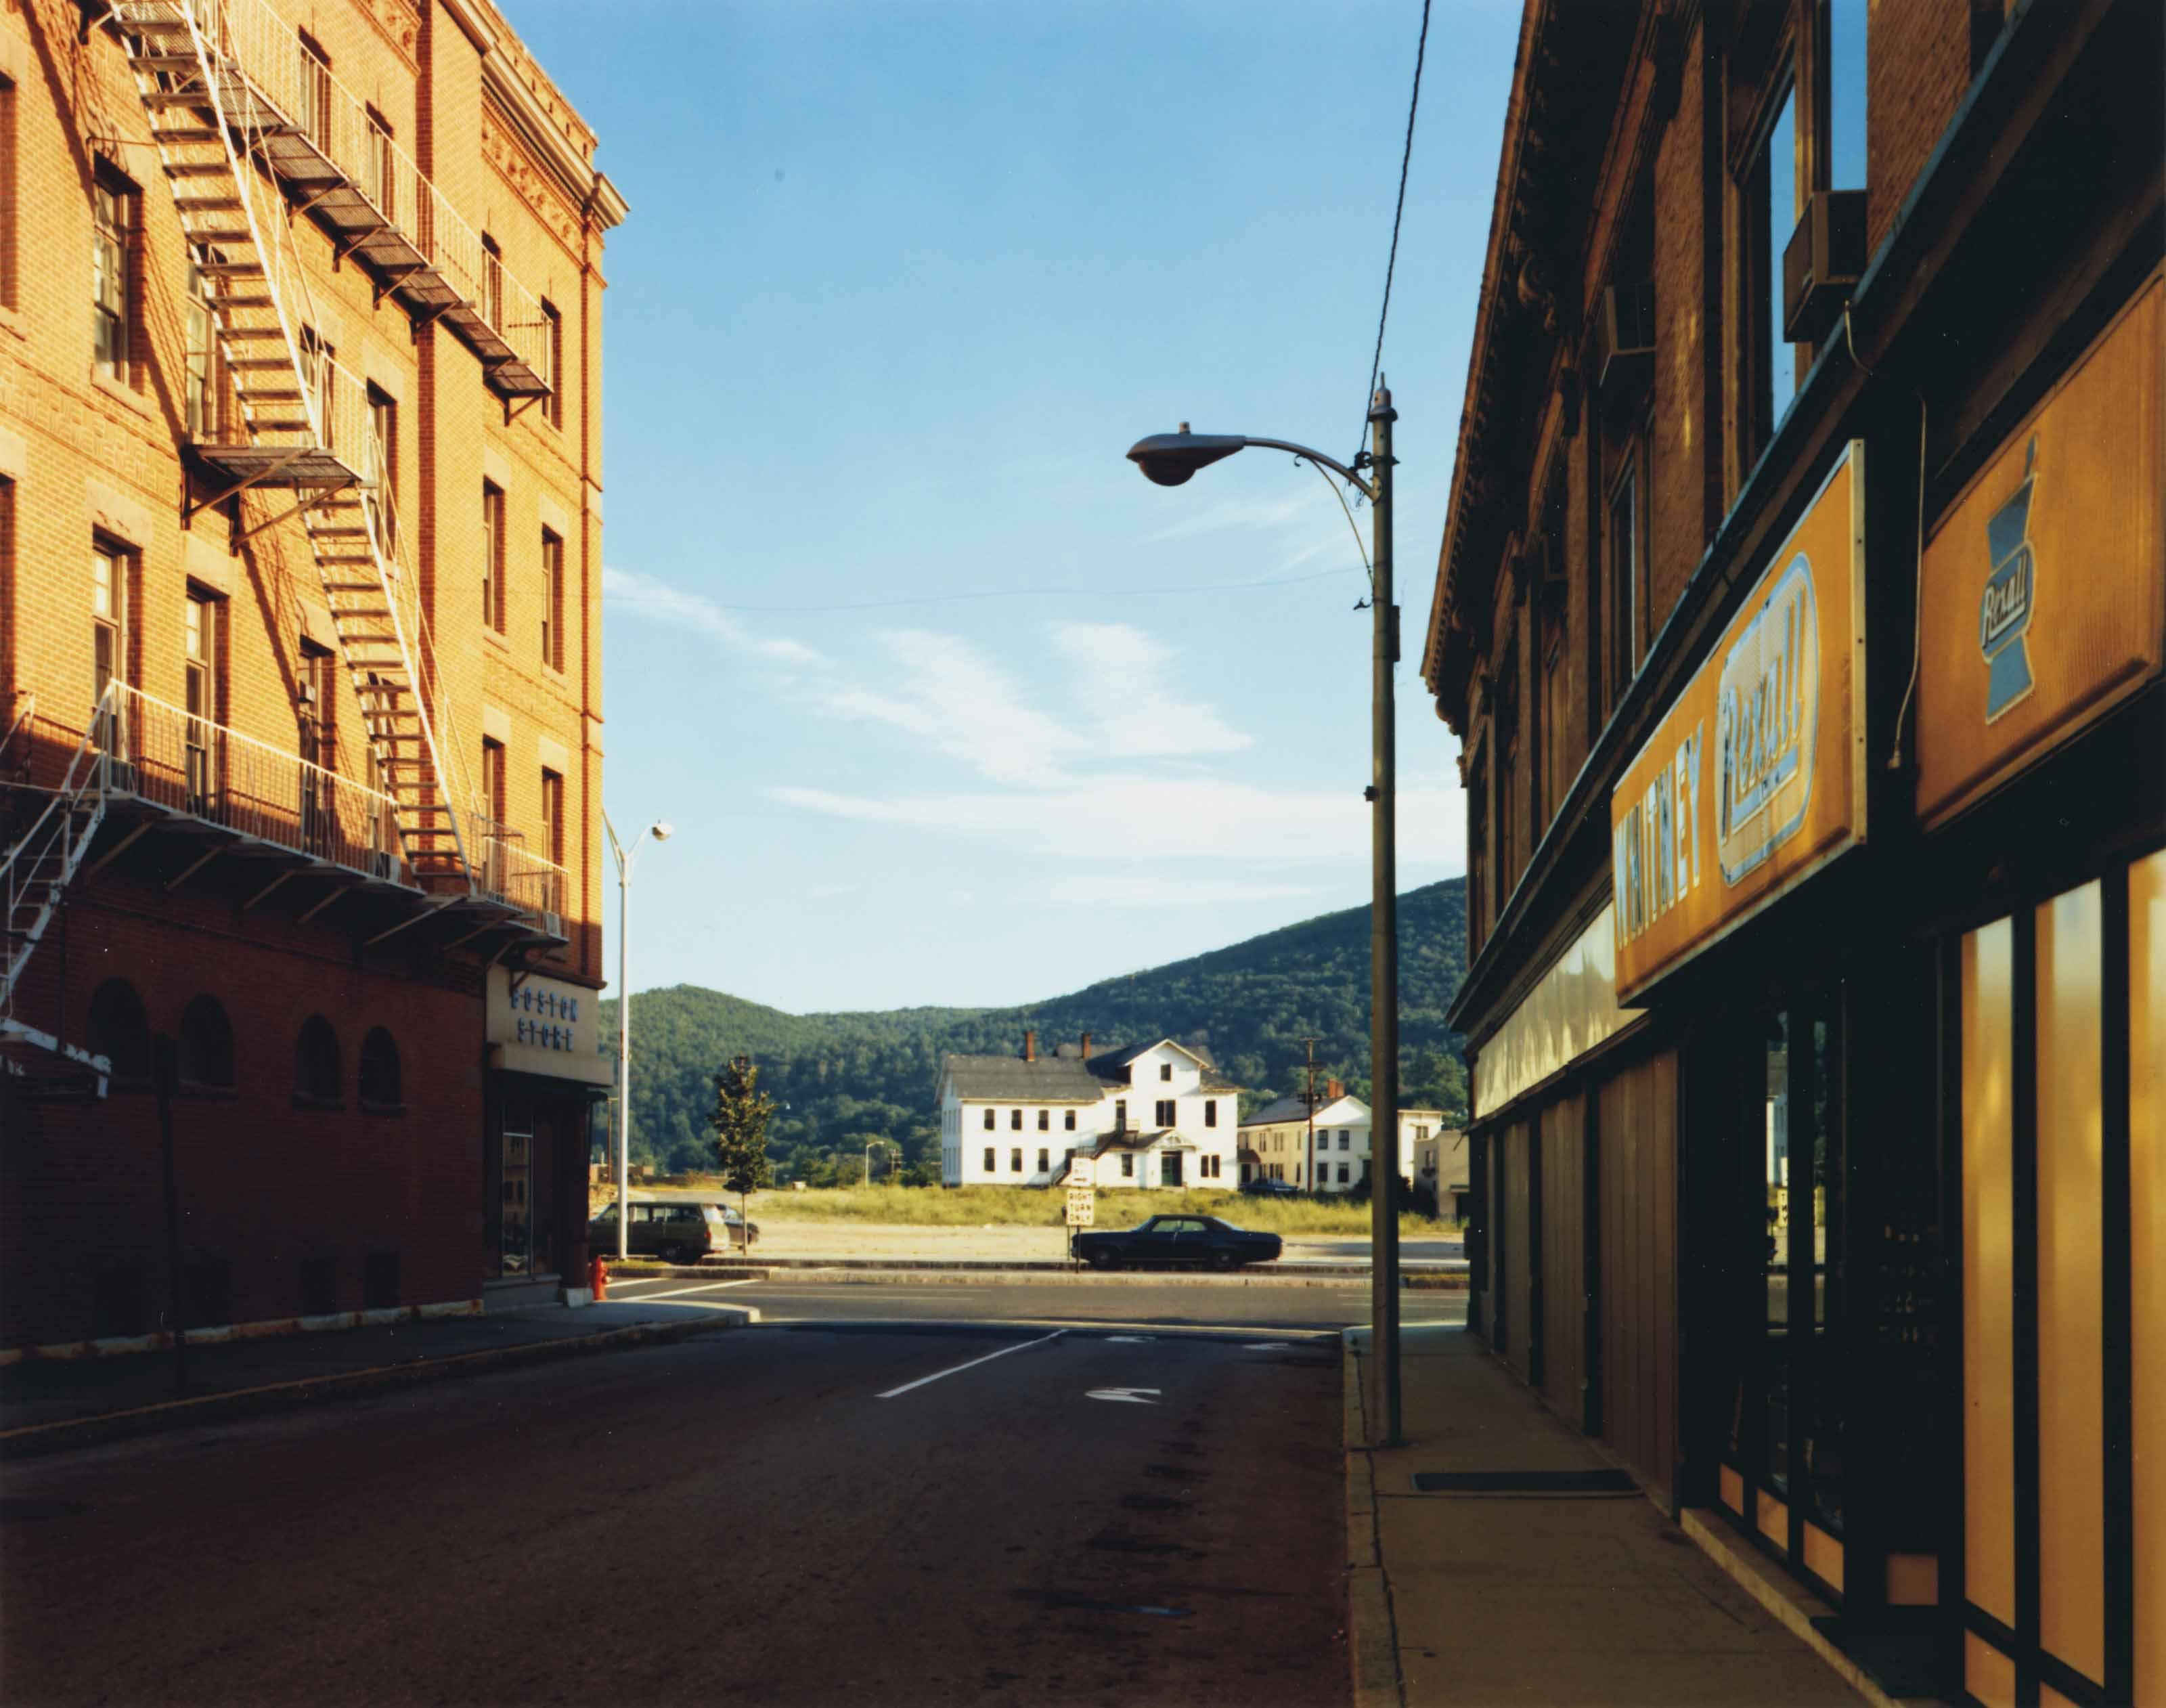 Holden Street, North Adams, Massachusetts, July 13, 1974